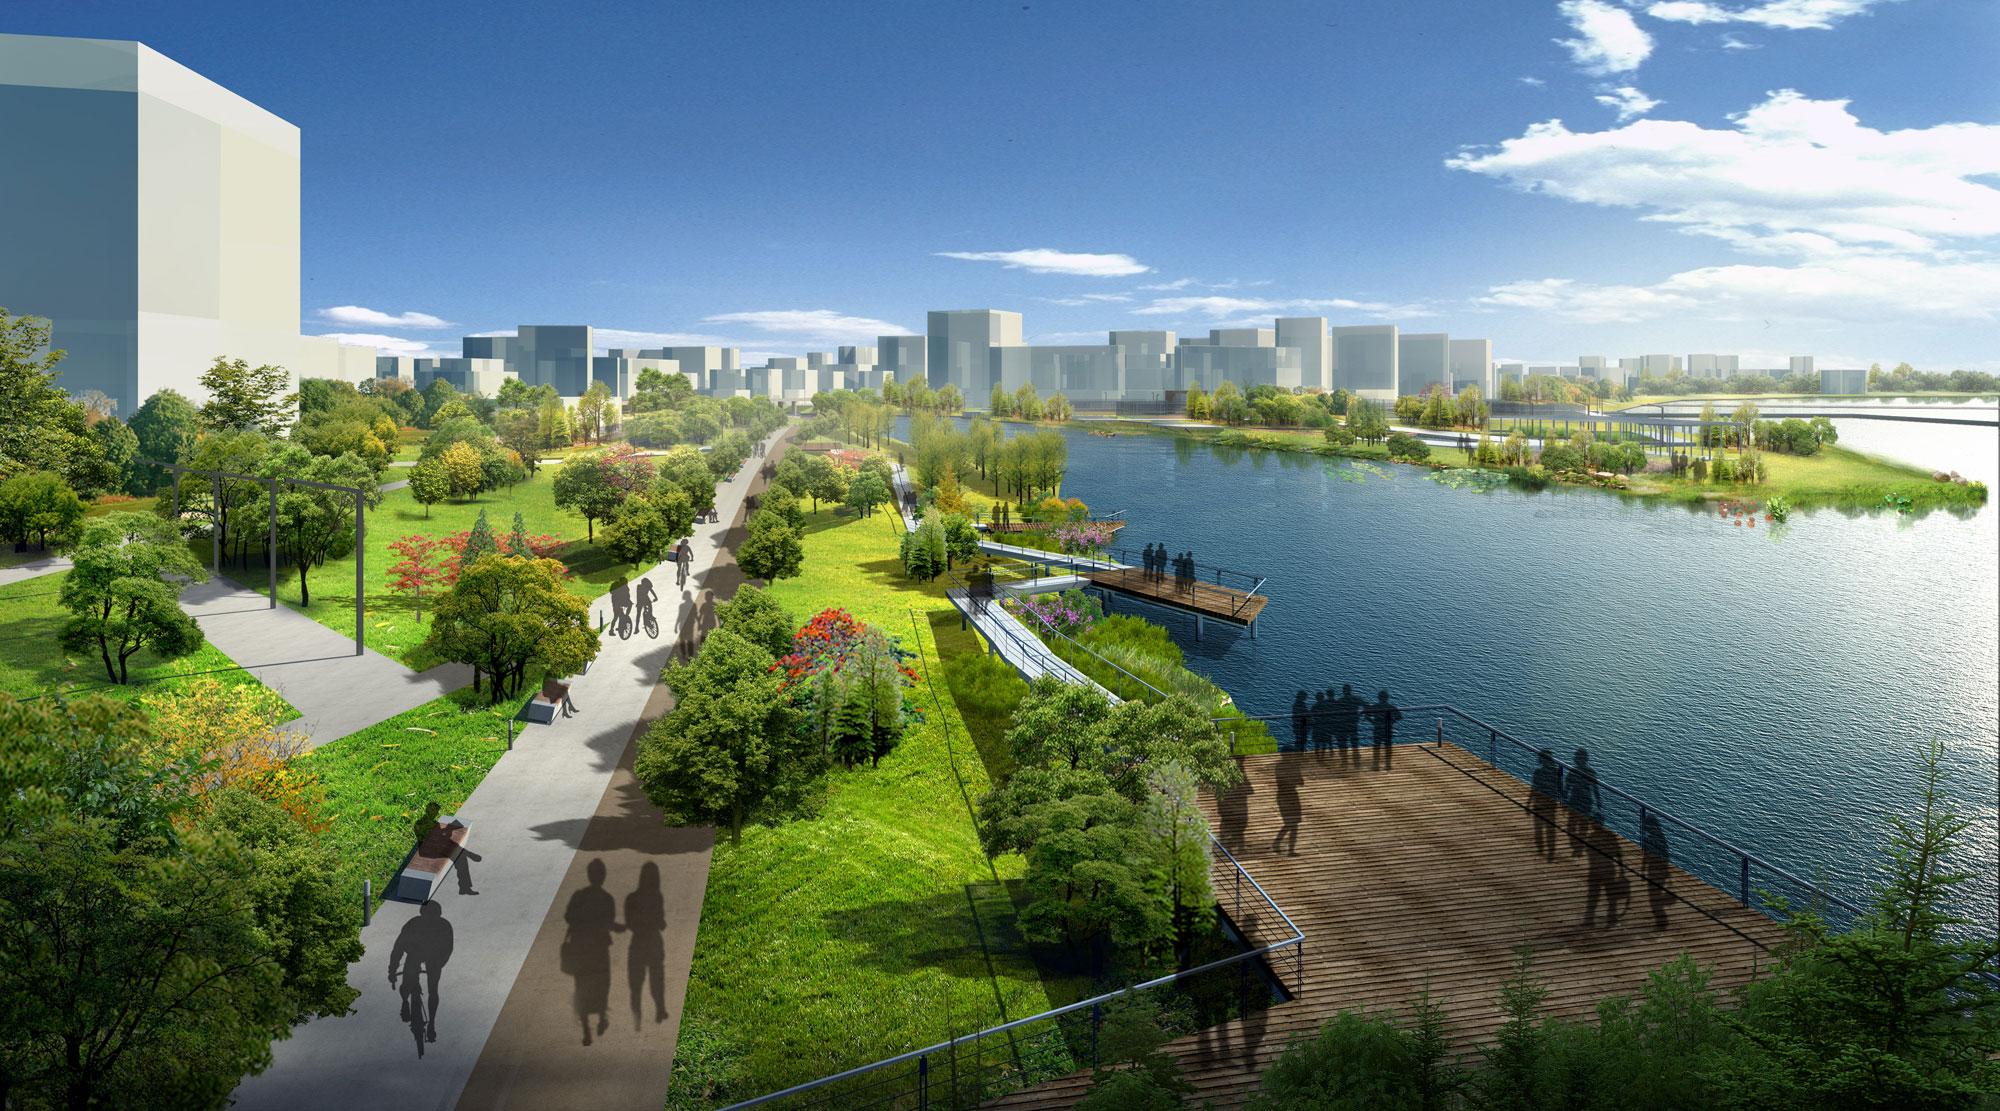 Aaupc patrick chavannes nanhai sanshan projet paysag for Ville nature